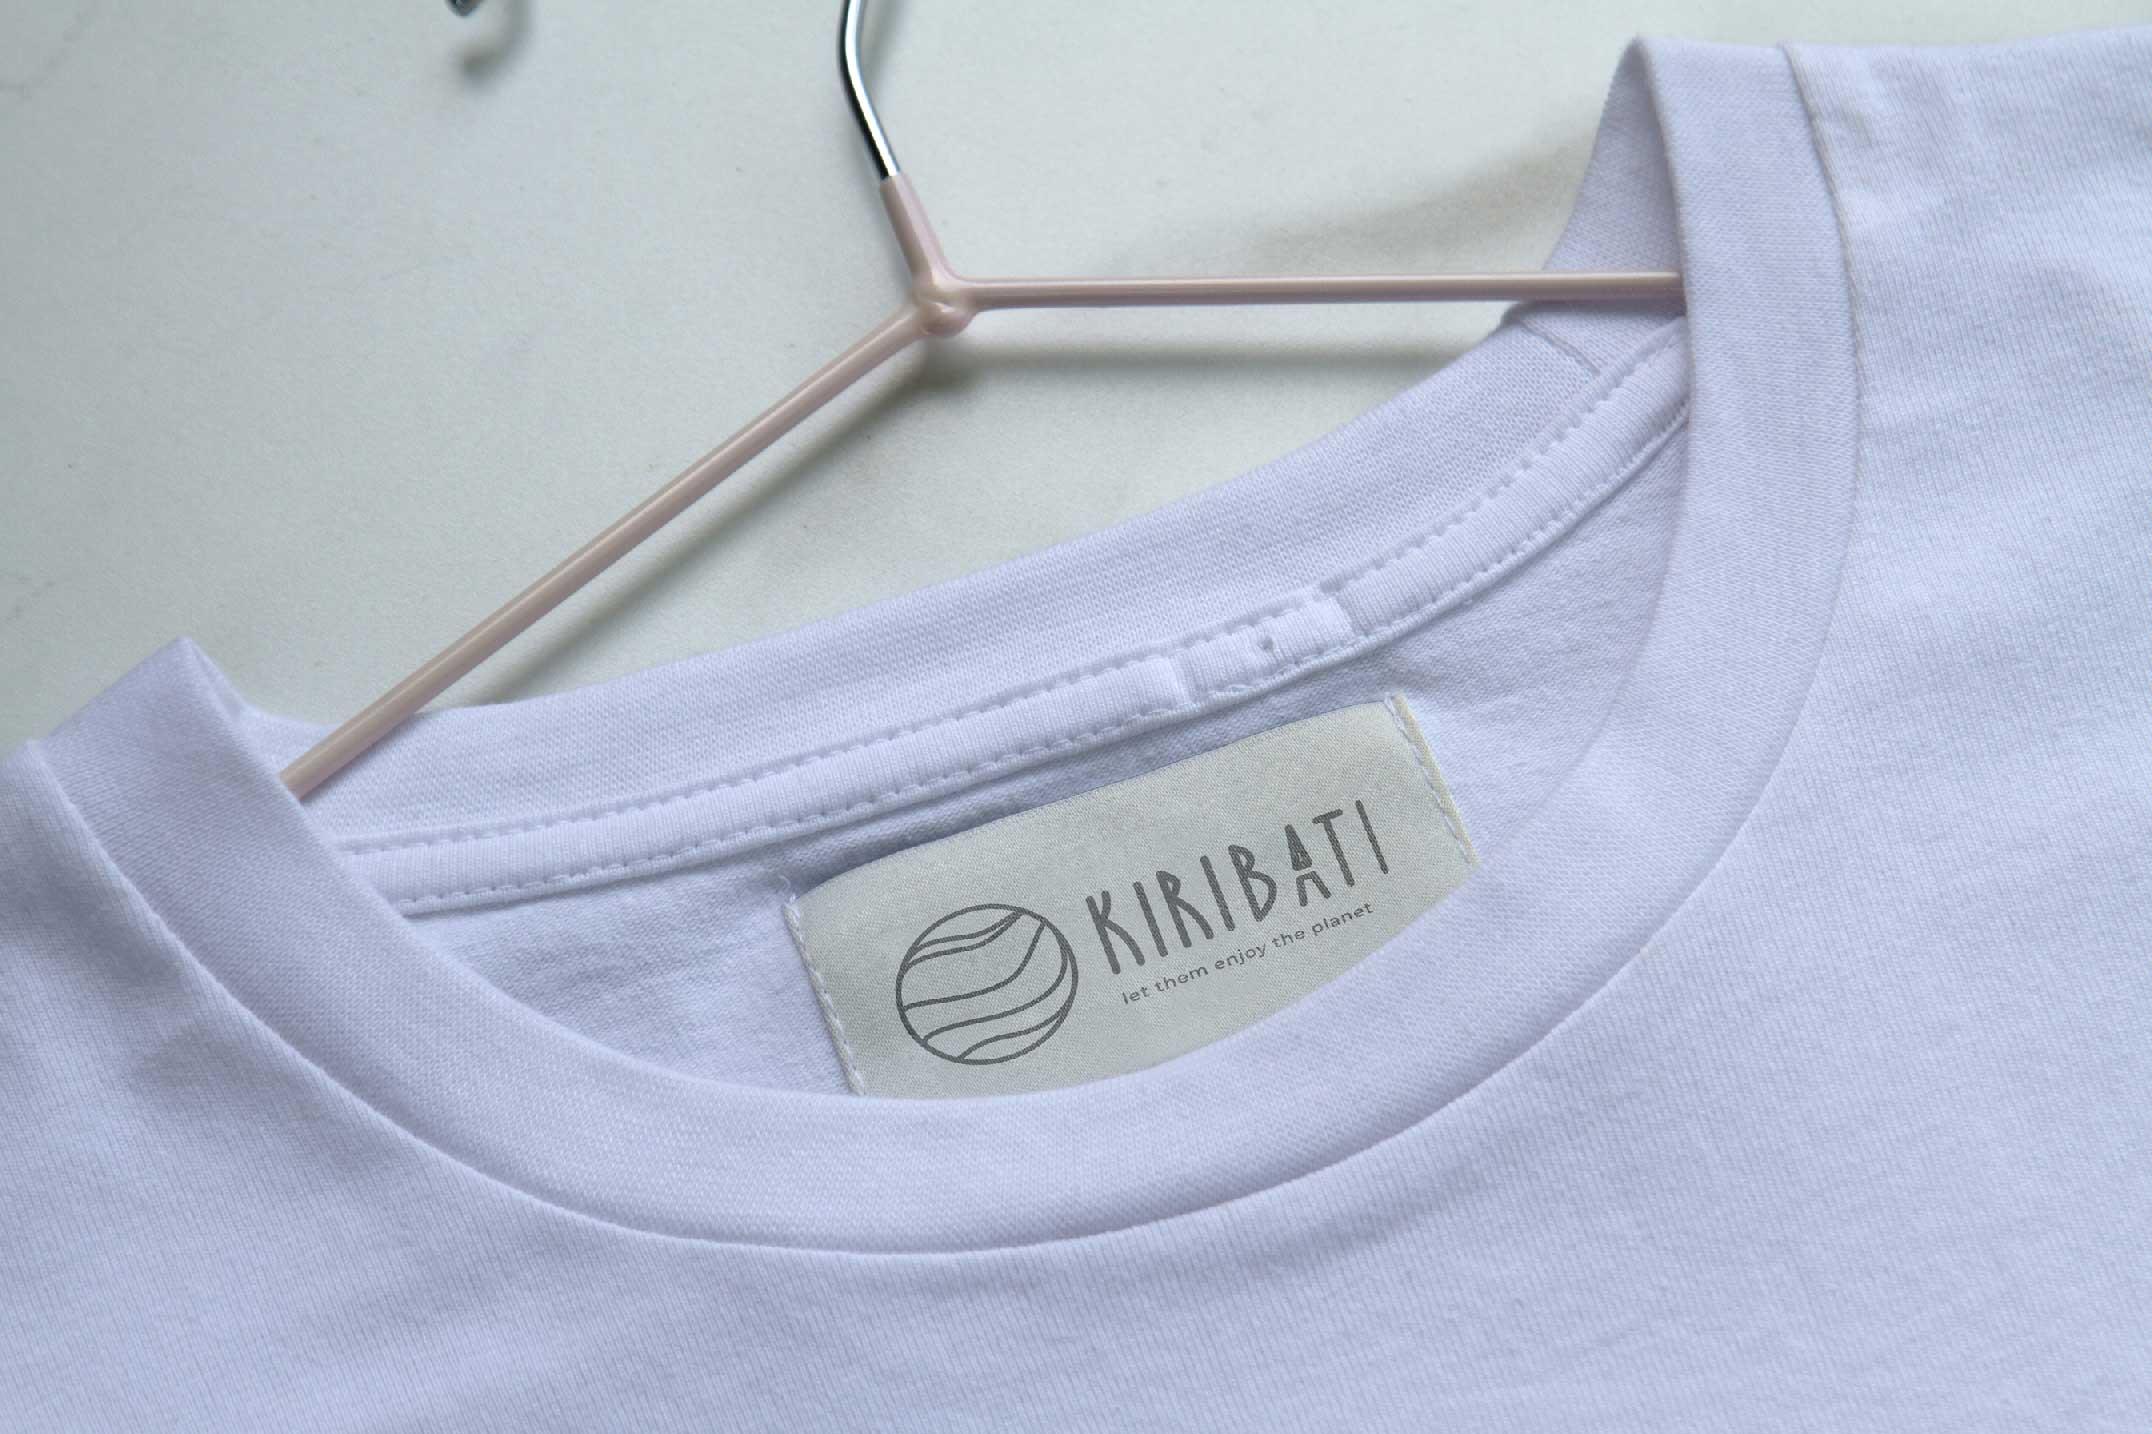 En la foto vemos la etiqueta y ladiseño de la marca de camisetas